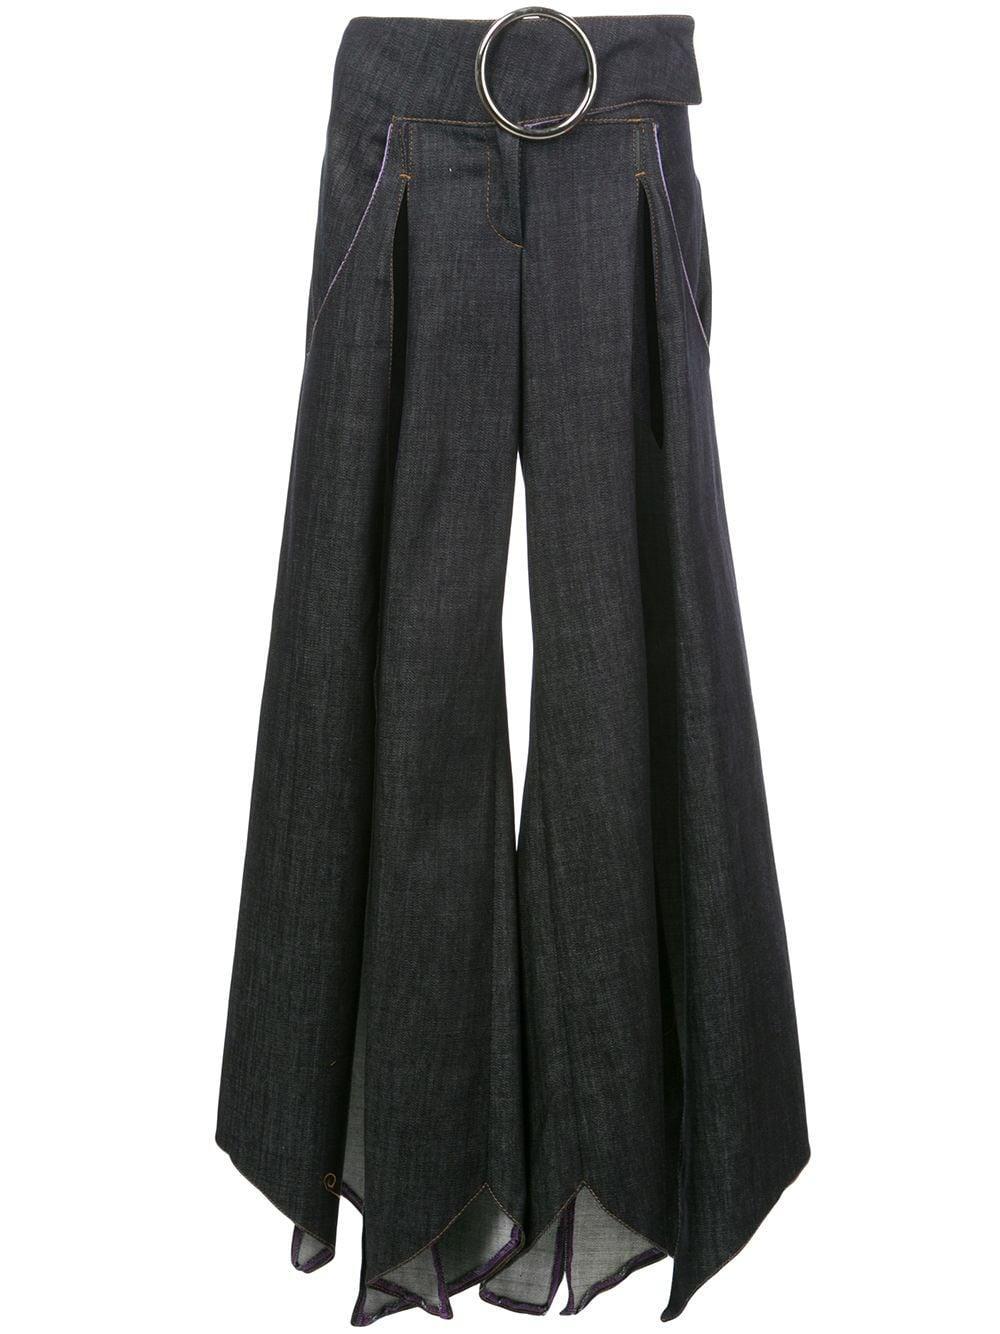 Fantabody джинсовая юбка с разрезами